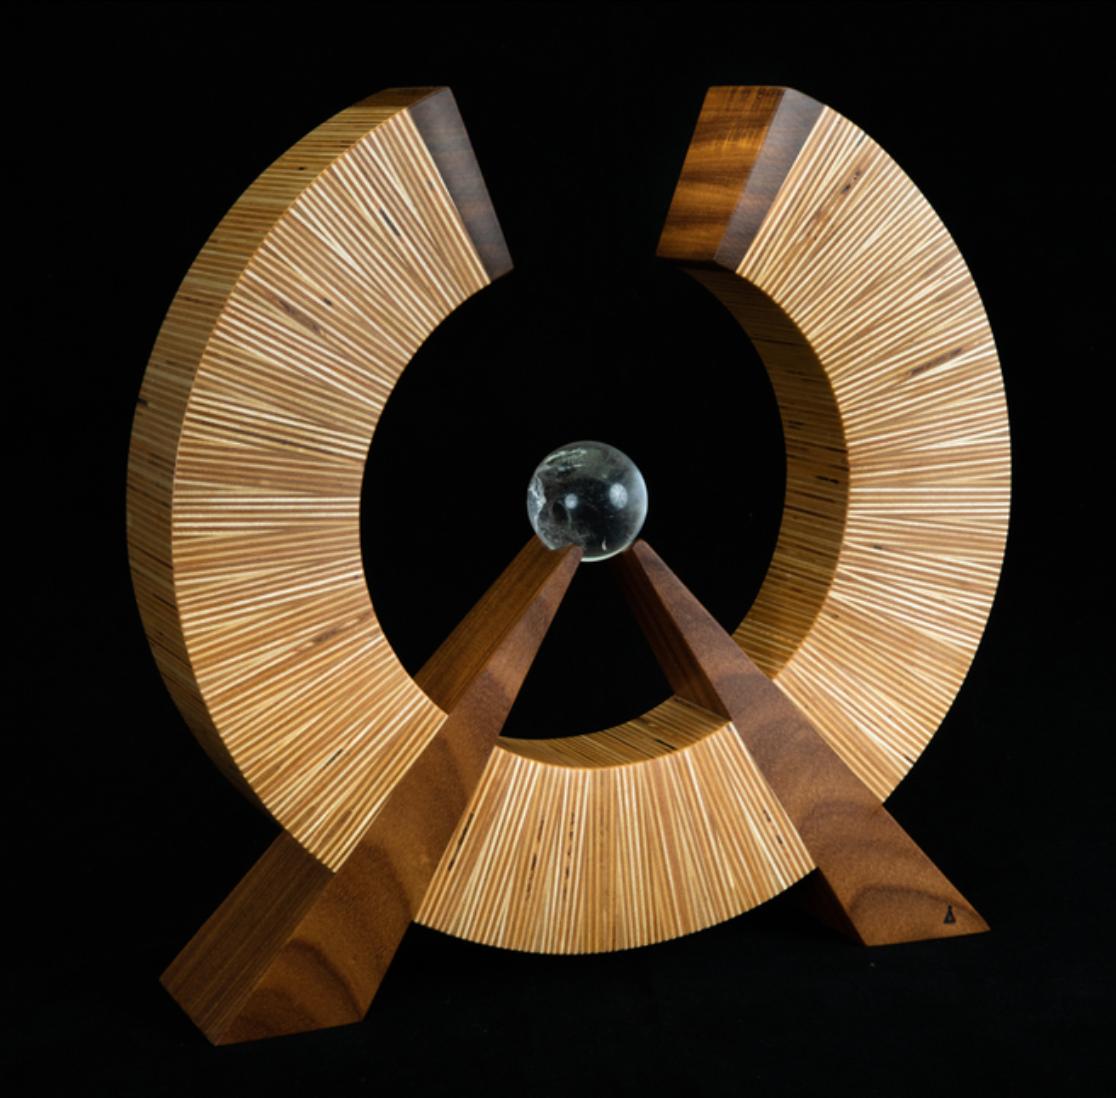 Wood- Bill Inverso